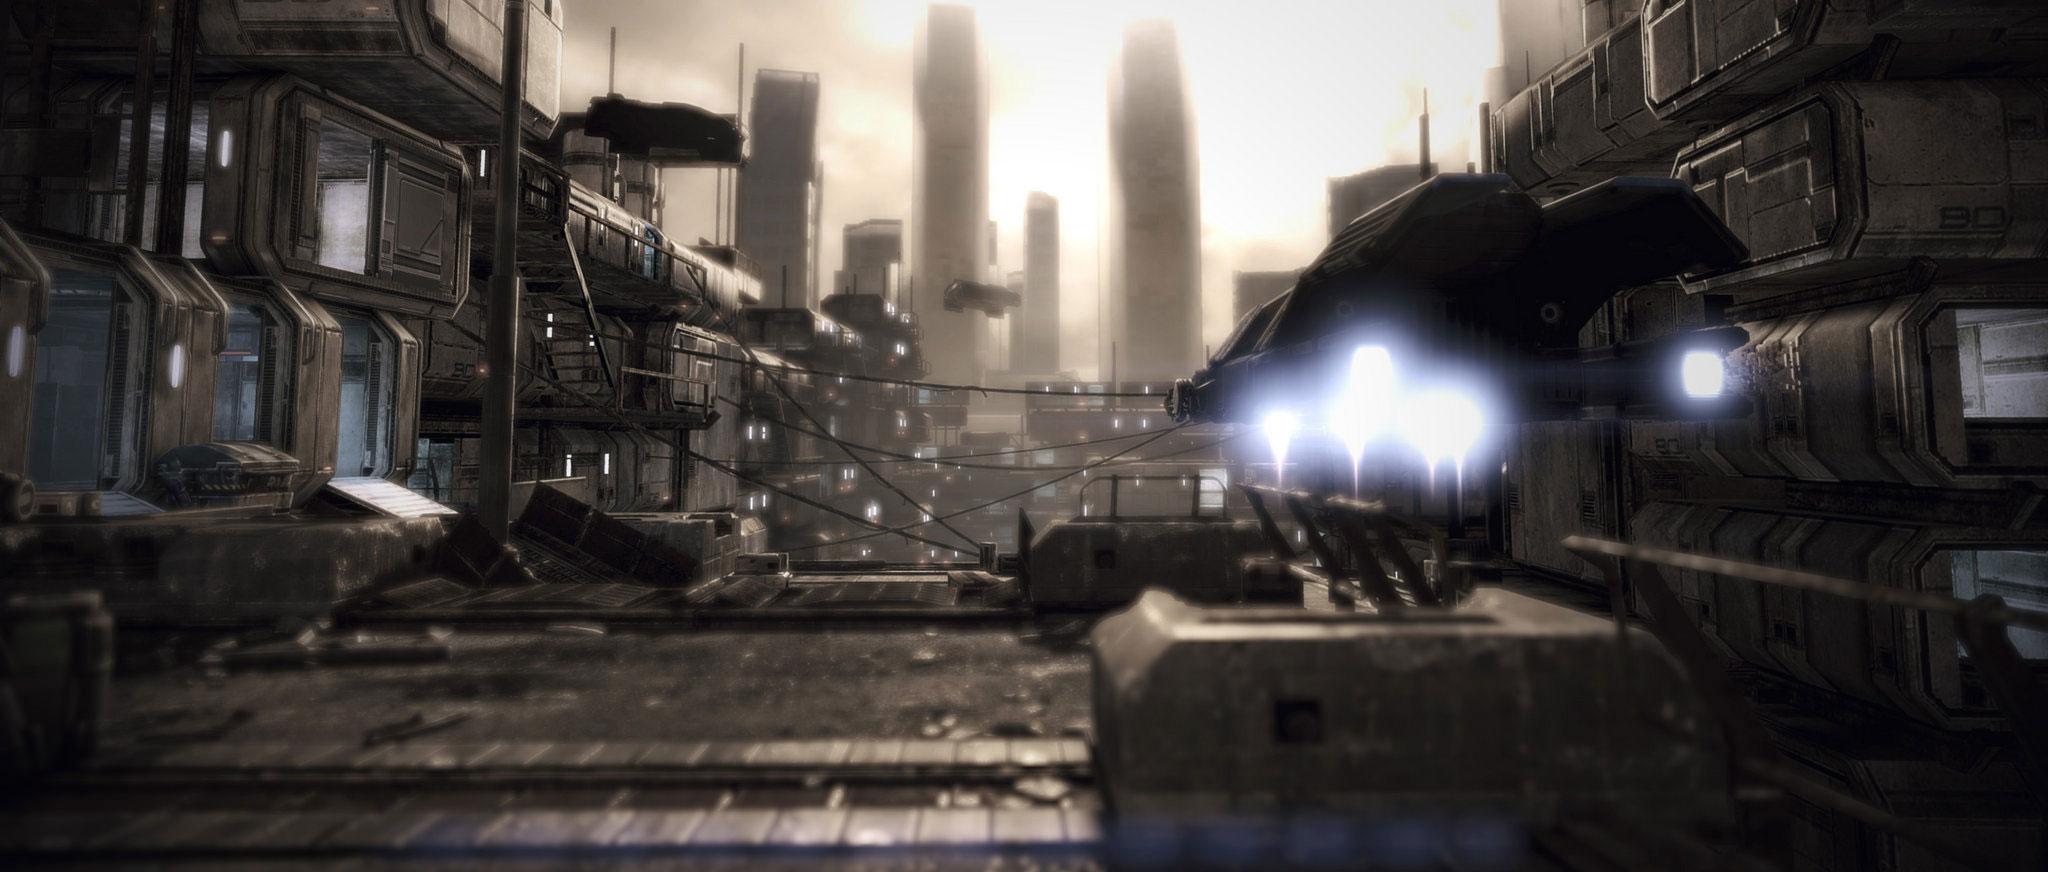 《质量效应3》4K分辨率截图第一弹 完全不